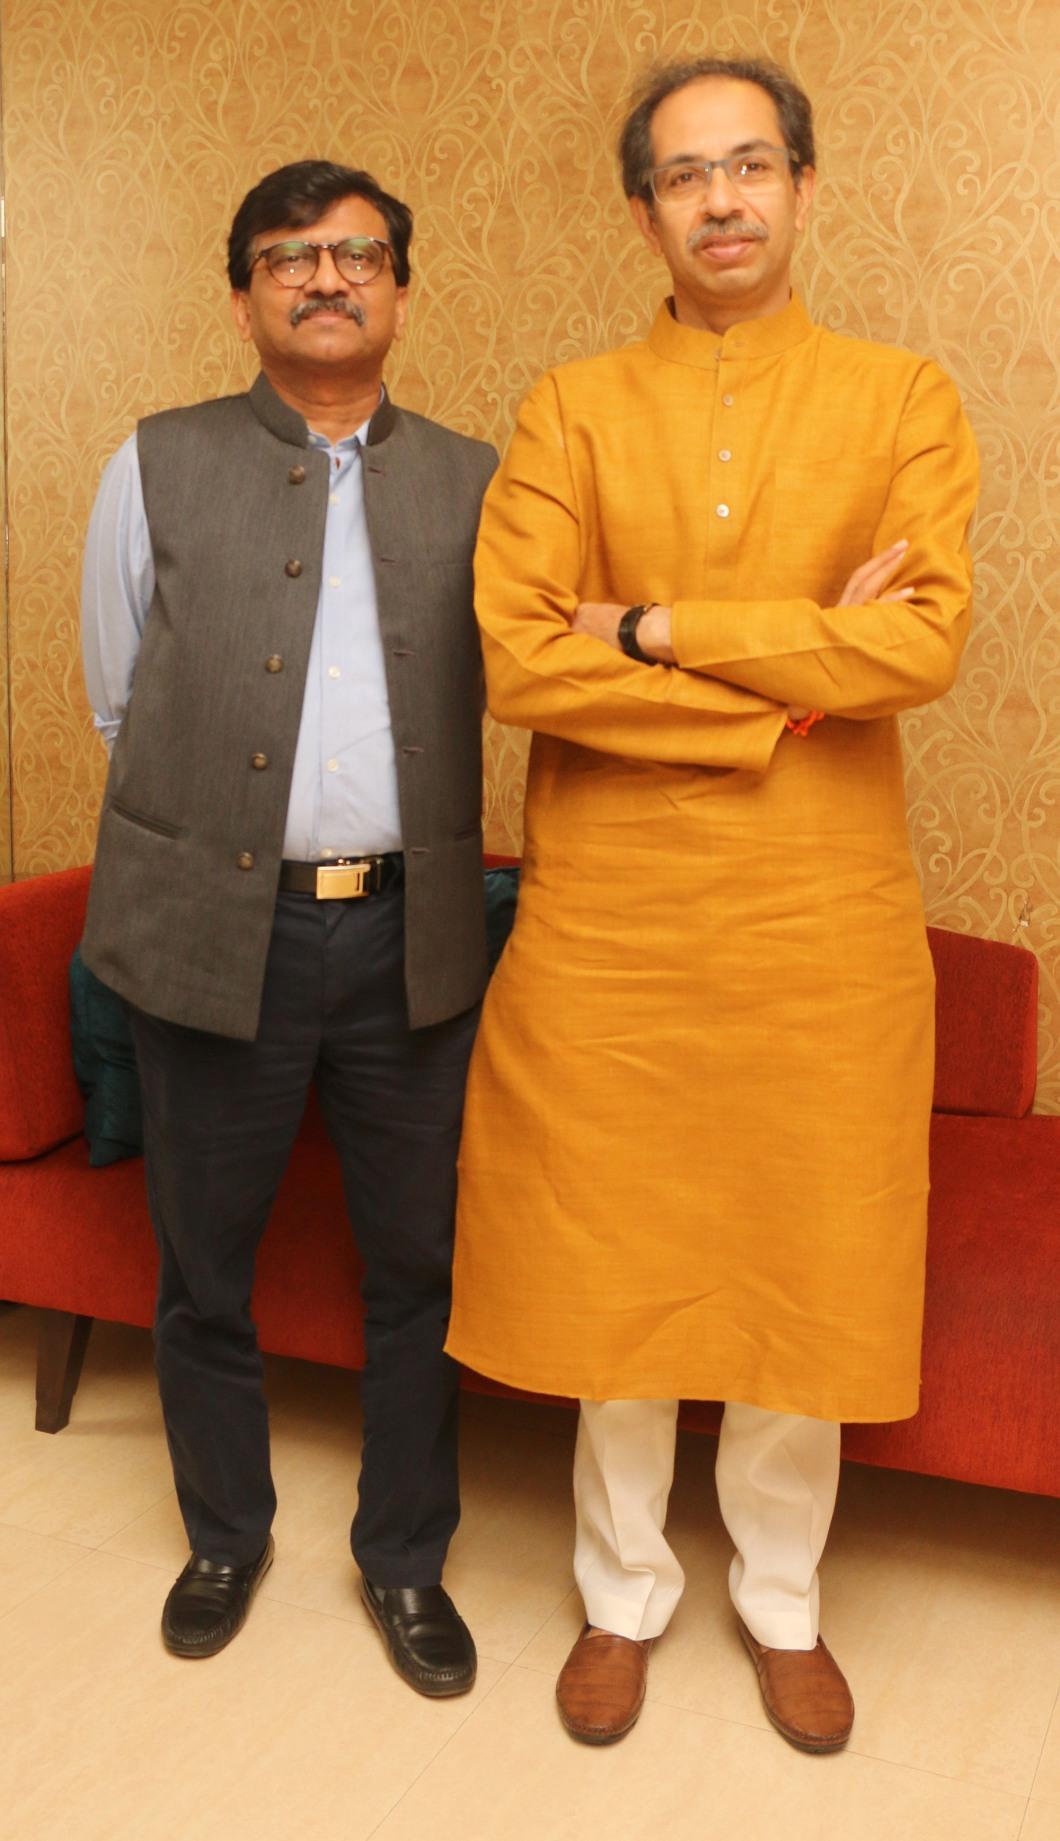 Sanjay Raut and Uddhav Thackeray 2 at Sanjay Raut's movie Thackeray's song recording